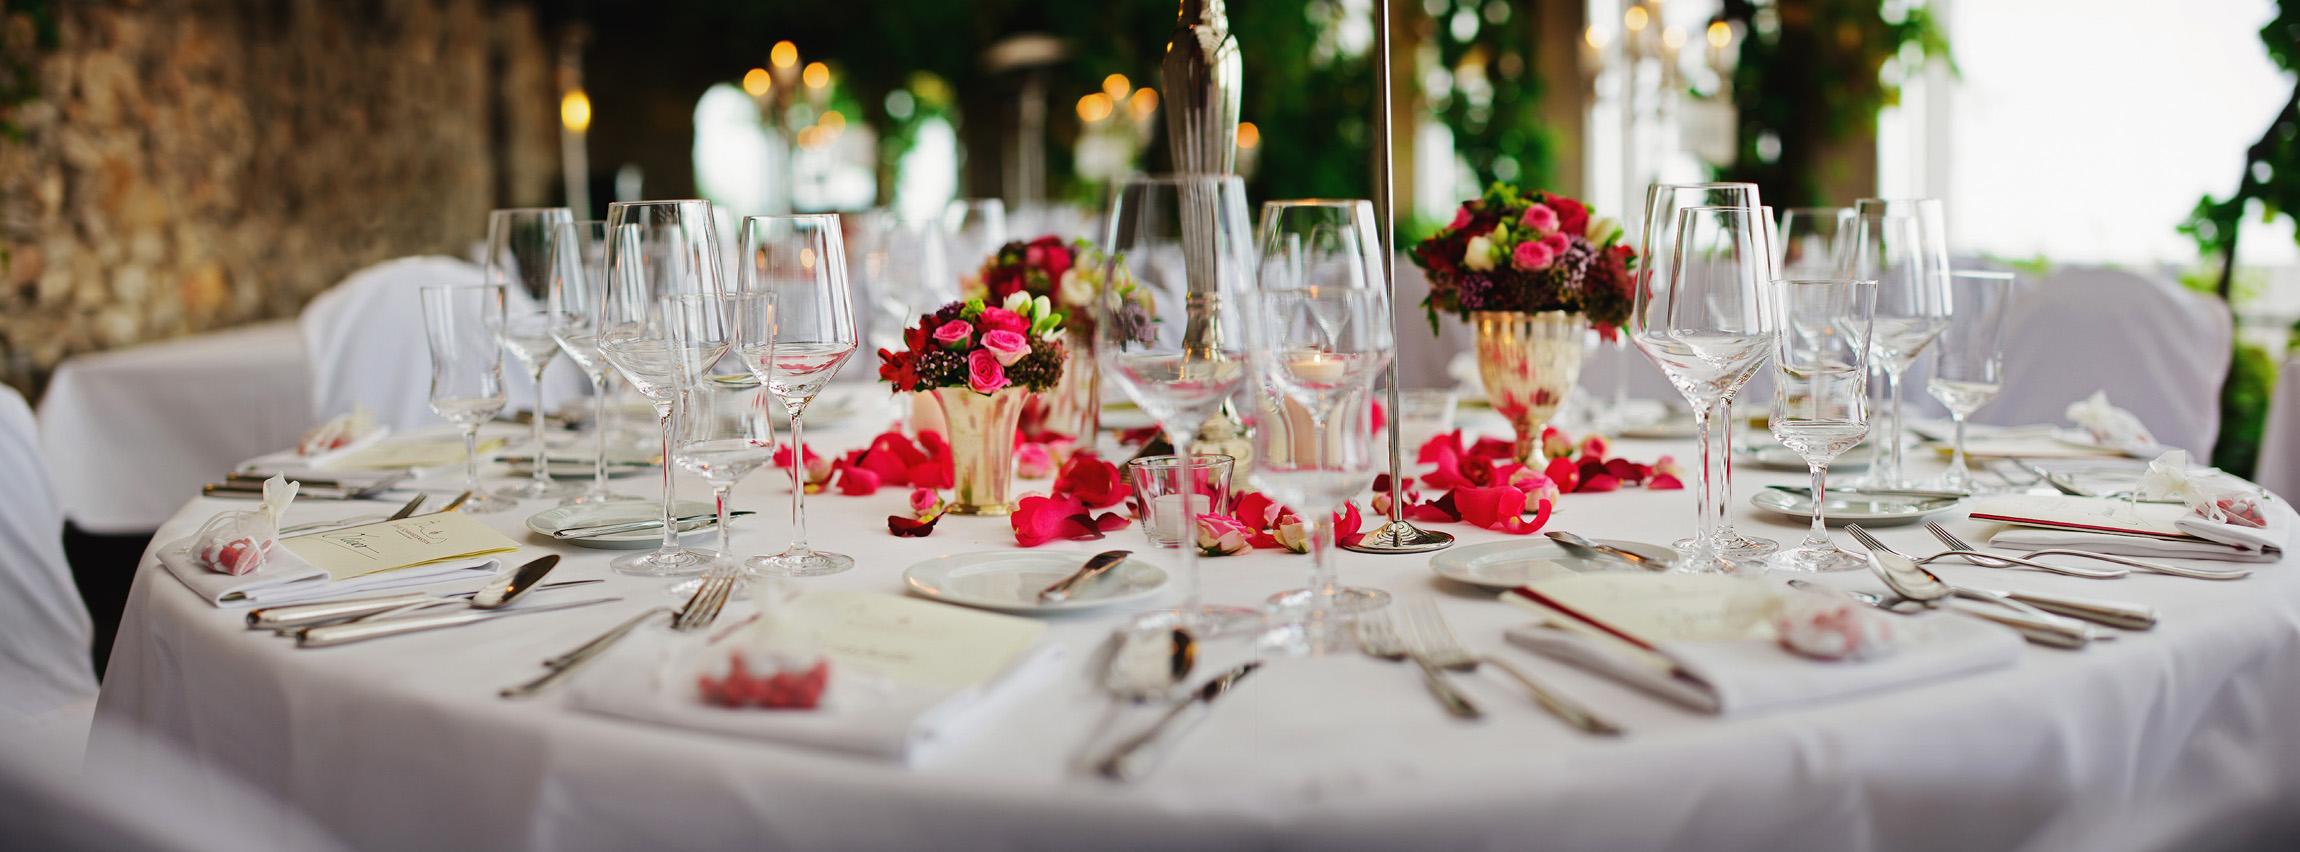 luxury-cerimonies